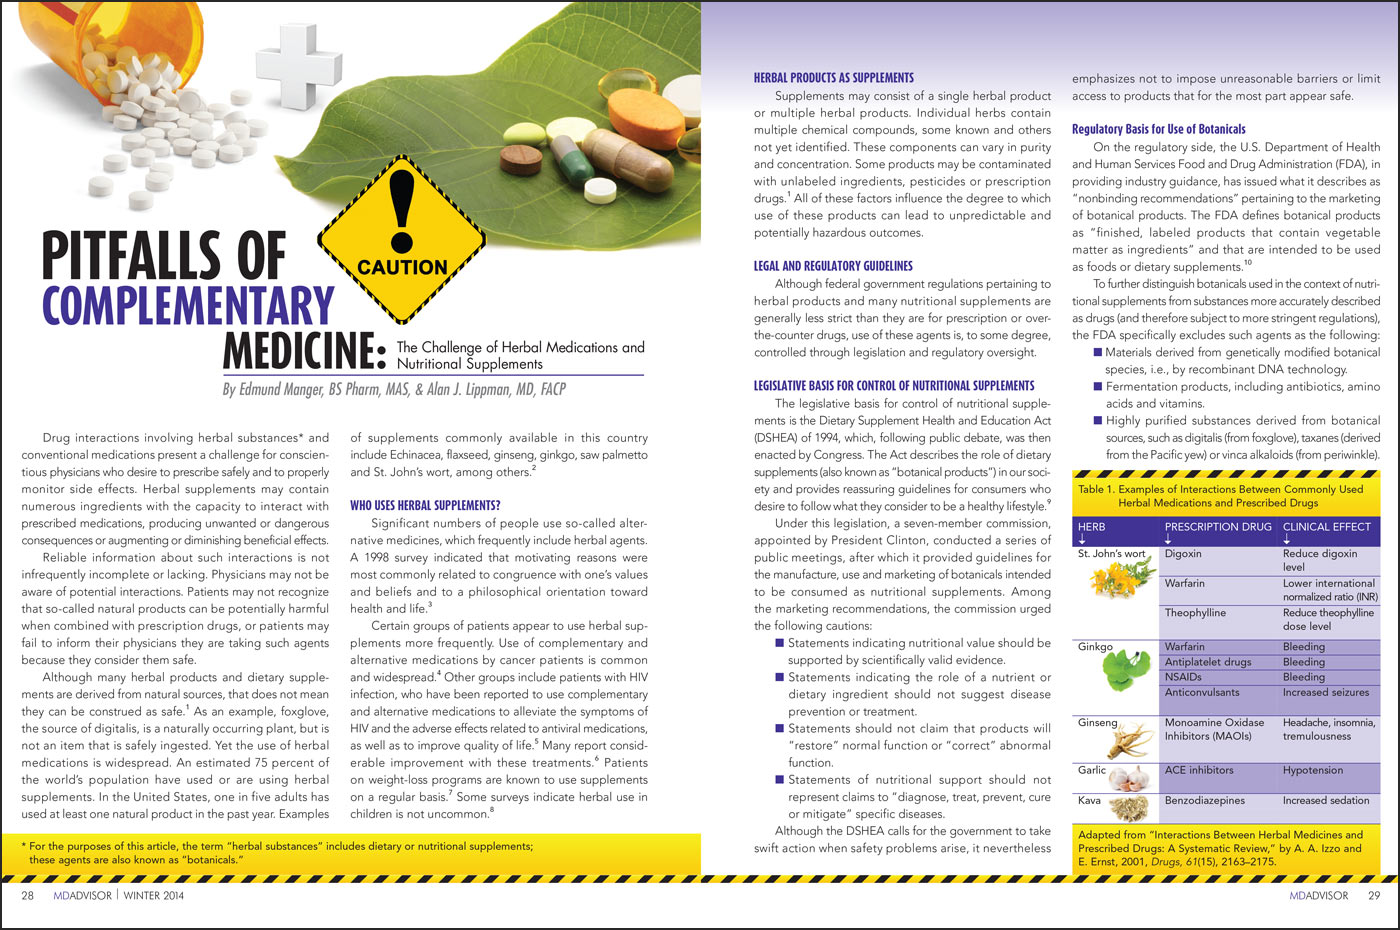 Medical Journal Drug Article